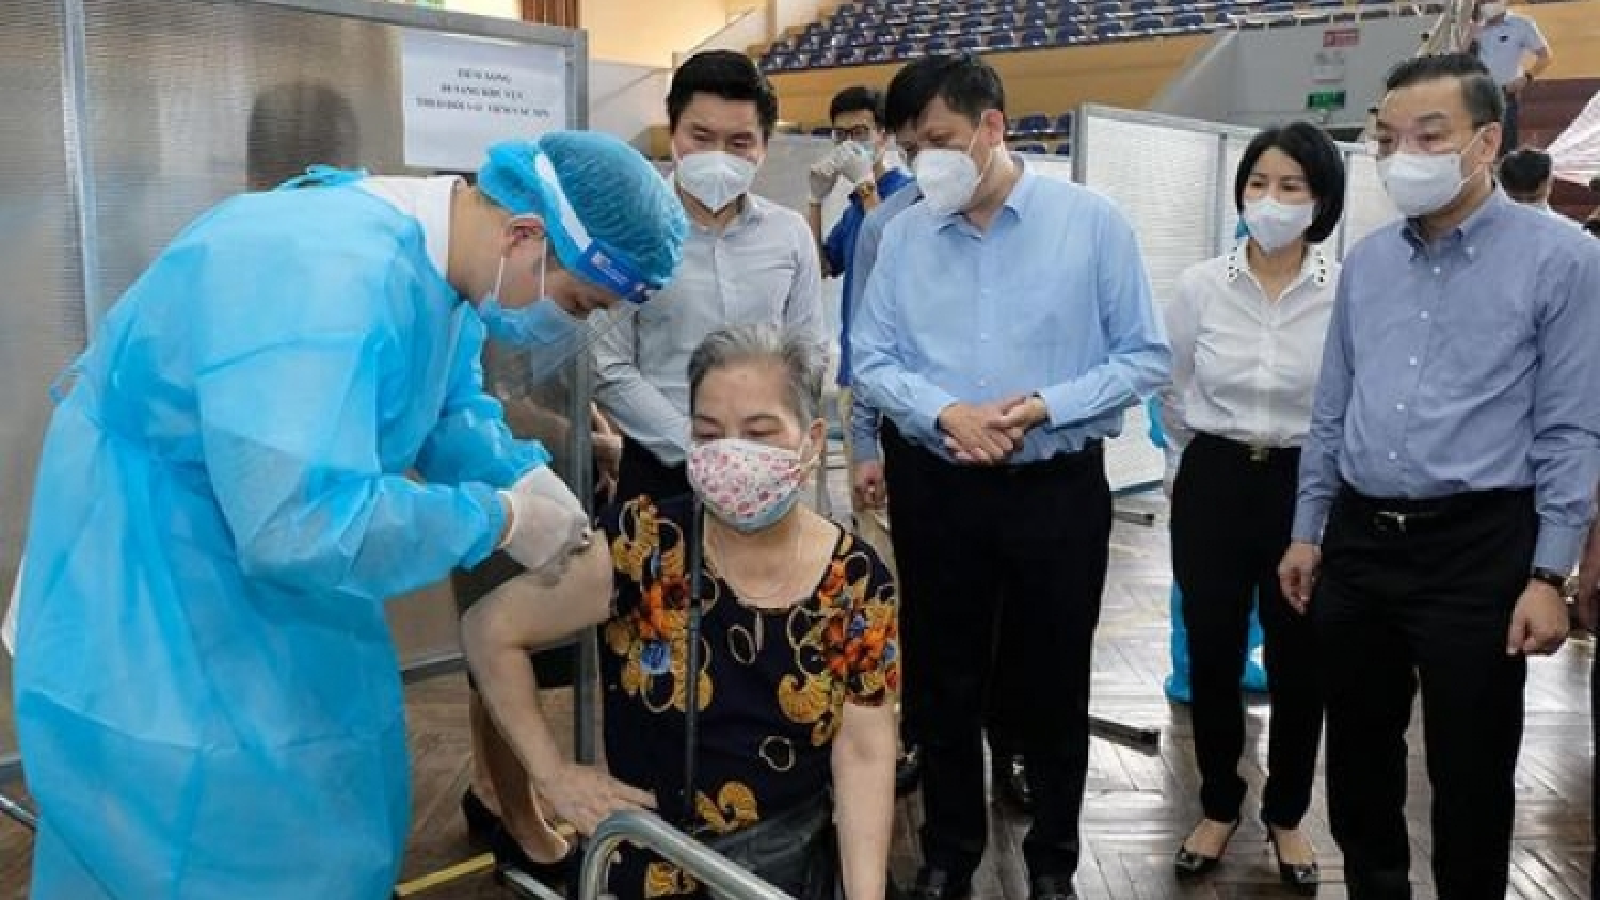 Bộ trưởng Bộ Y tế: Đến 15/9, 100% người trên 18 tuổi ở Hà Nội sẽ được tiêm vaccine